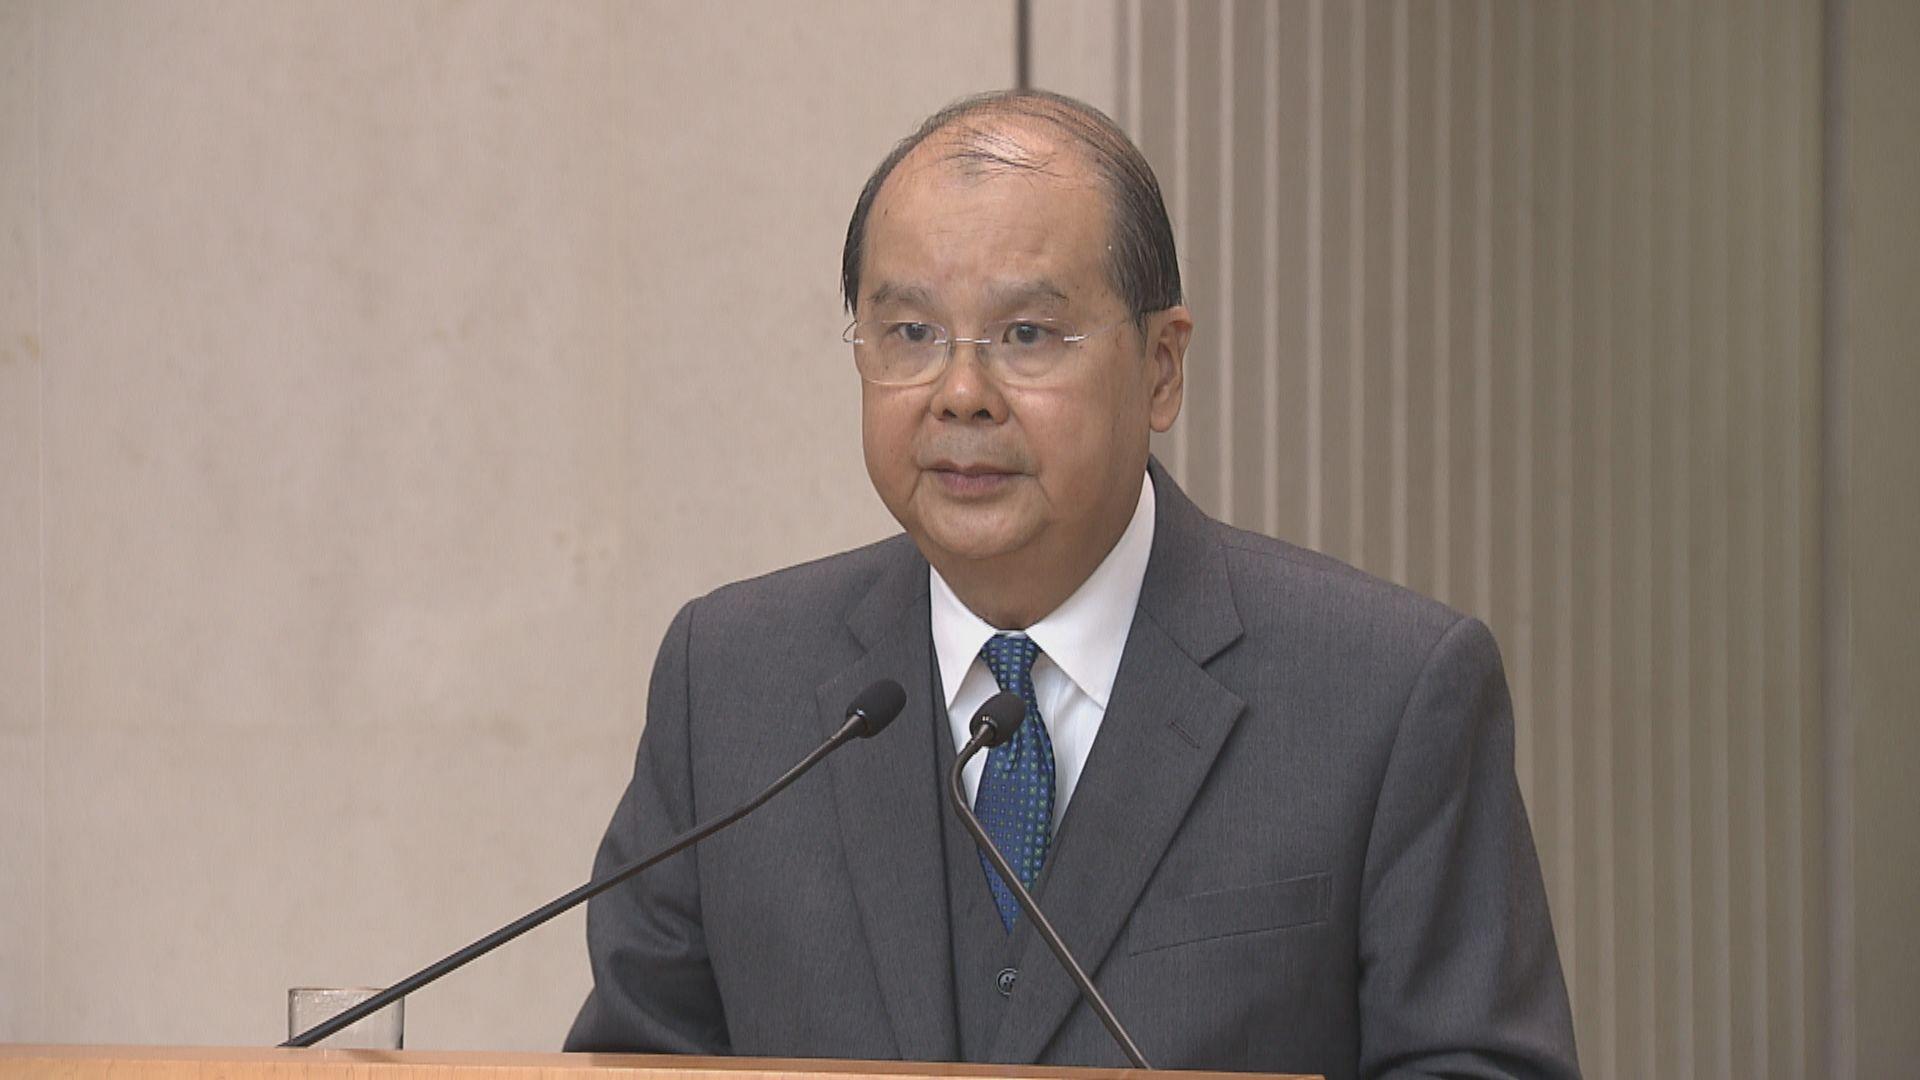 【最新】張建宗:檢討委員會對事不對人 毋須傳召權